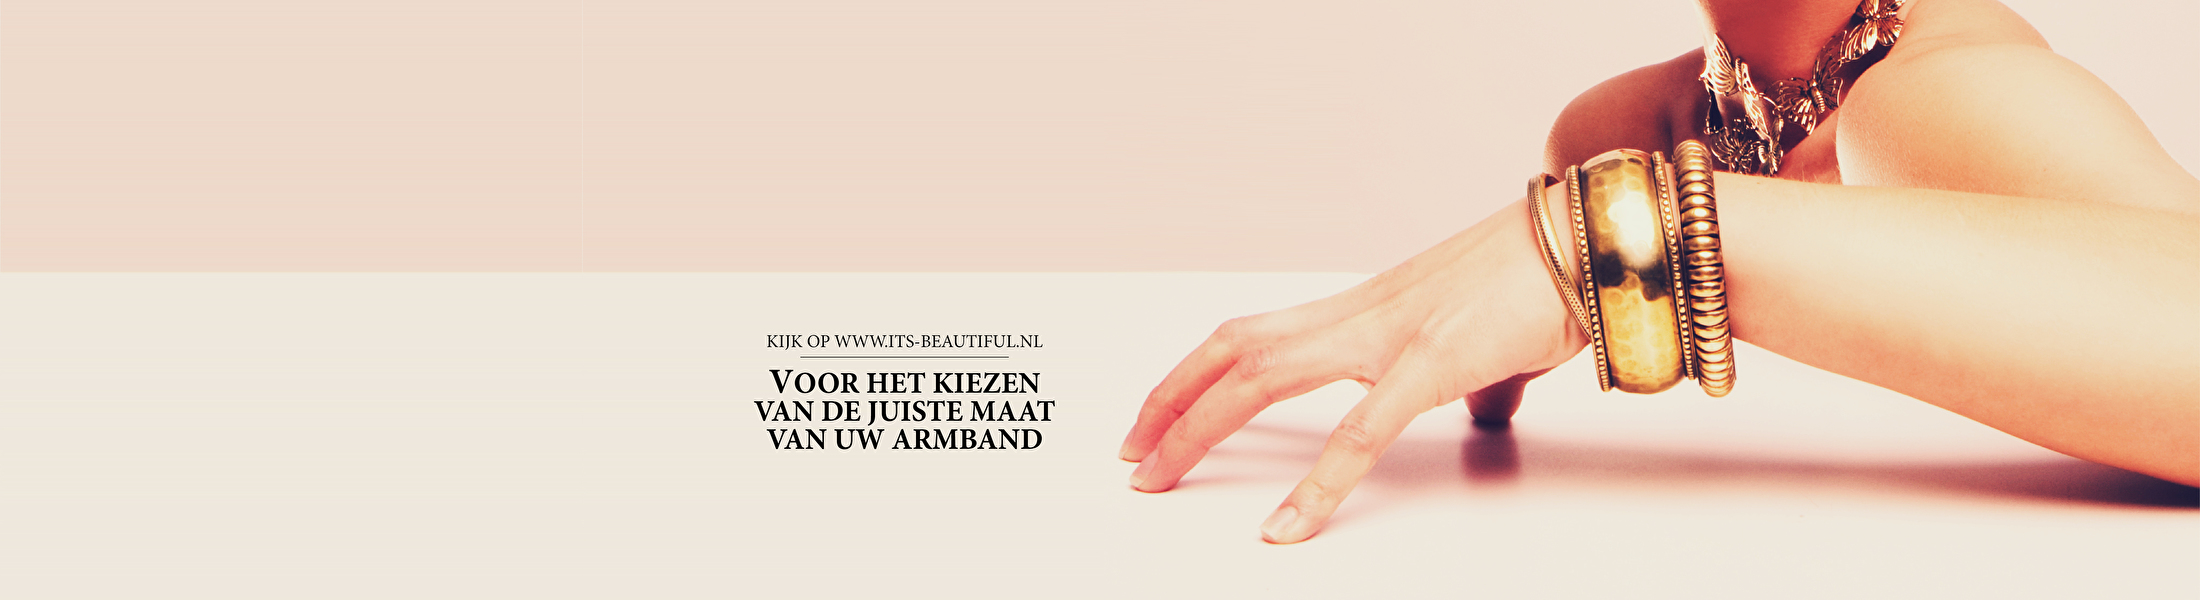 Kijk op www.its-beautiful.nl voor het kiezen van de juiste maat van uw armband